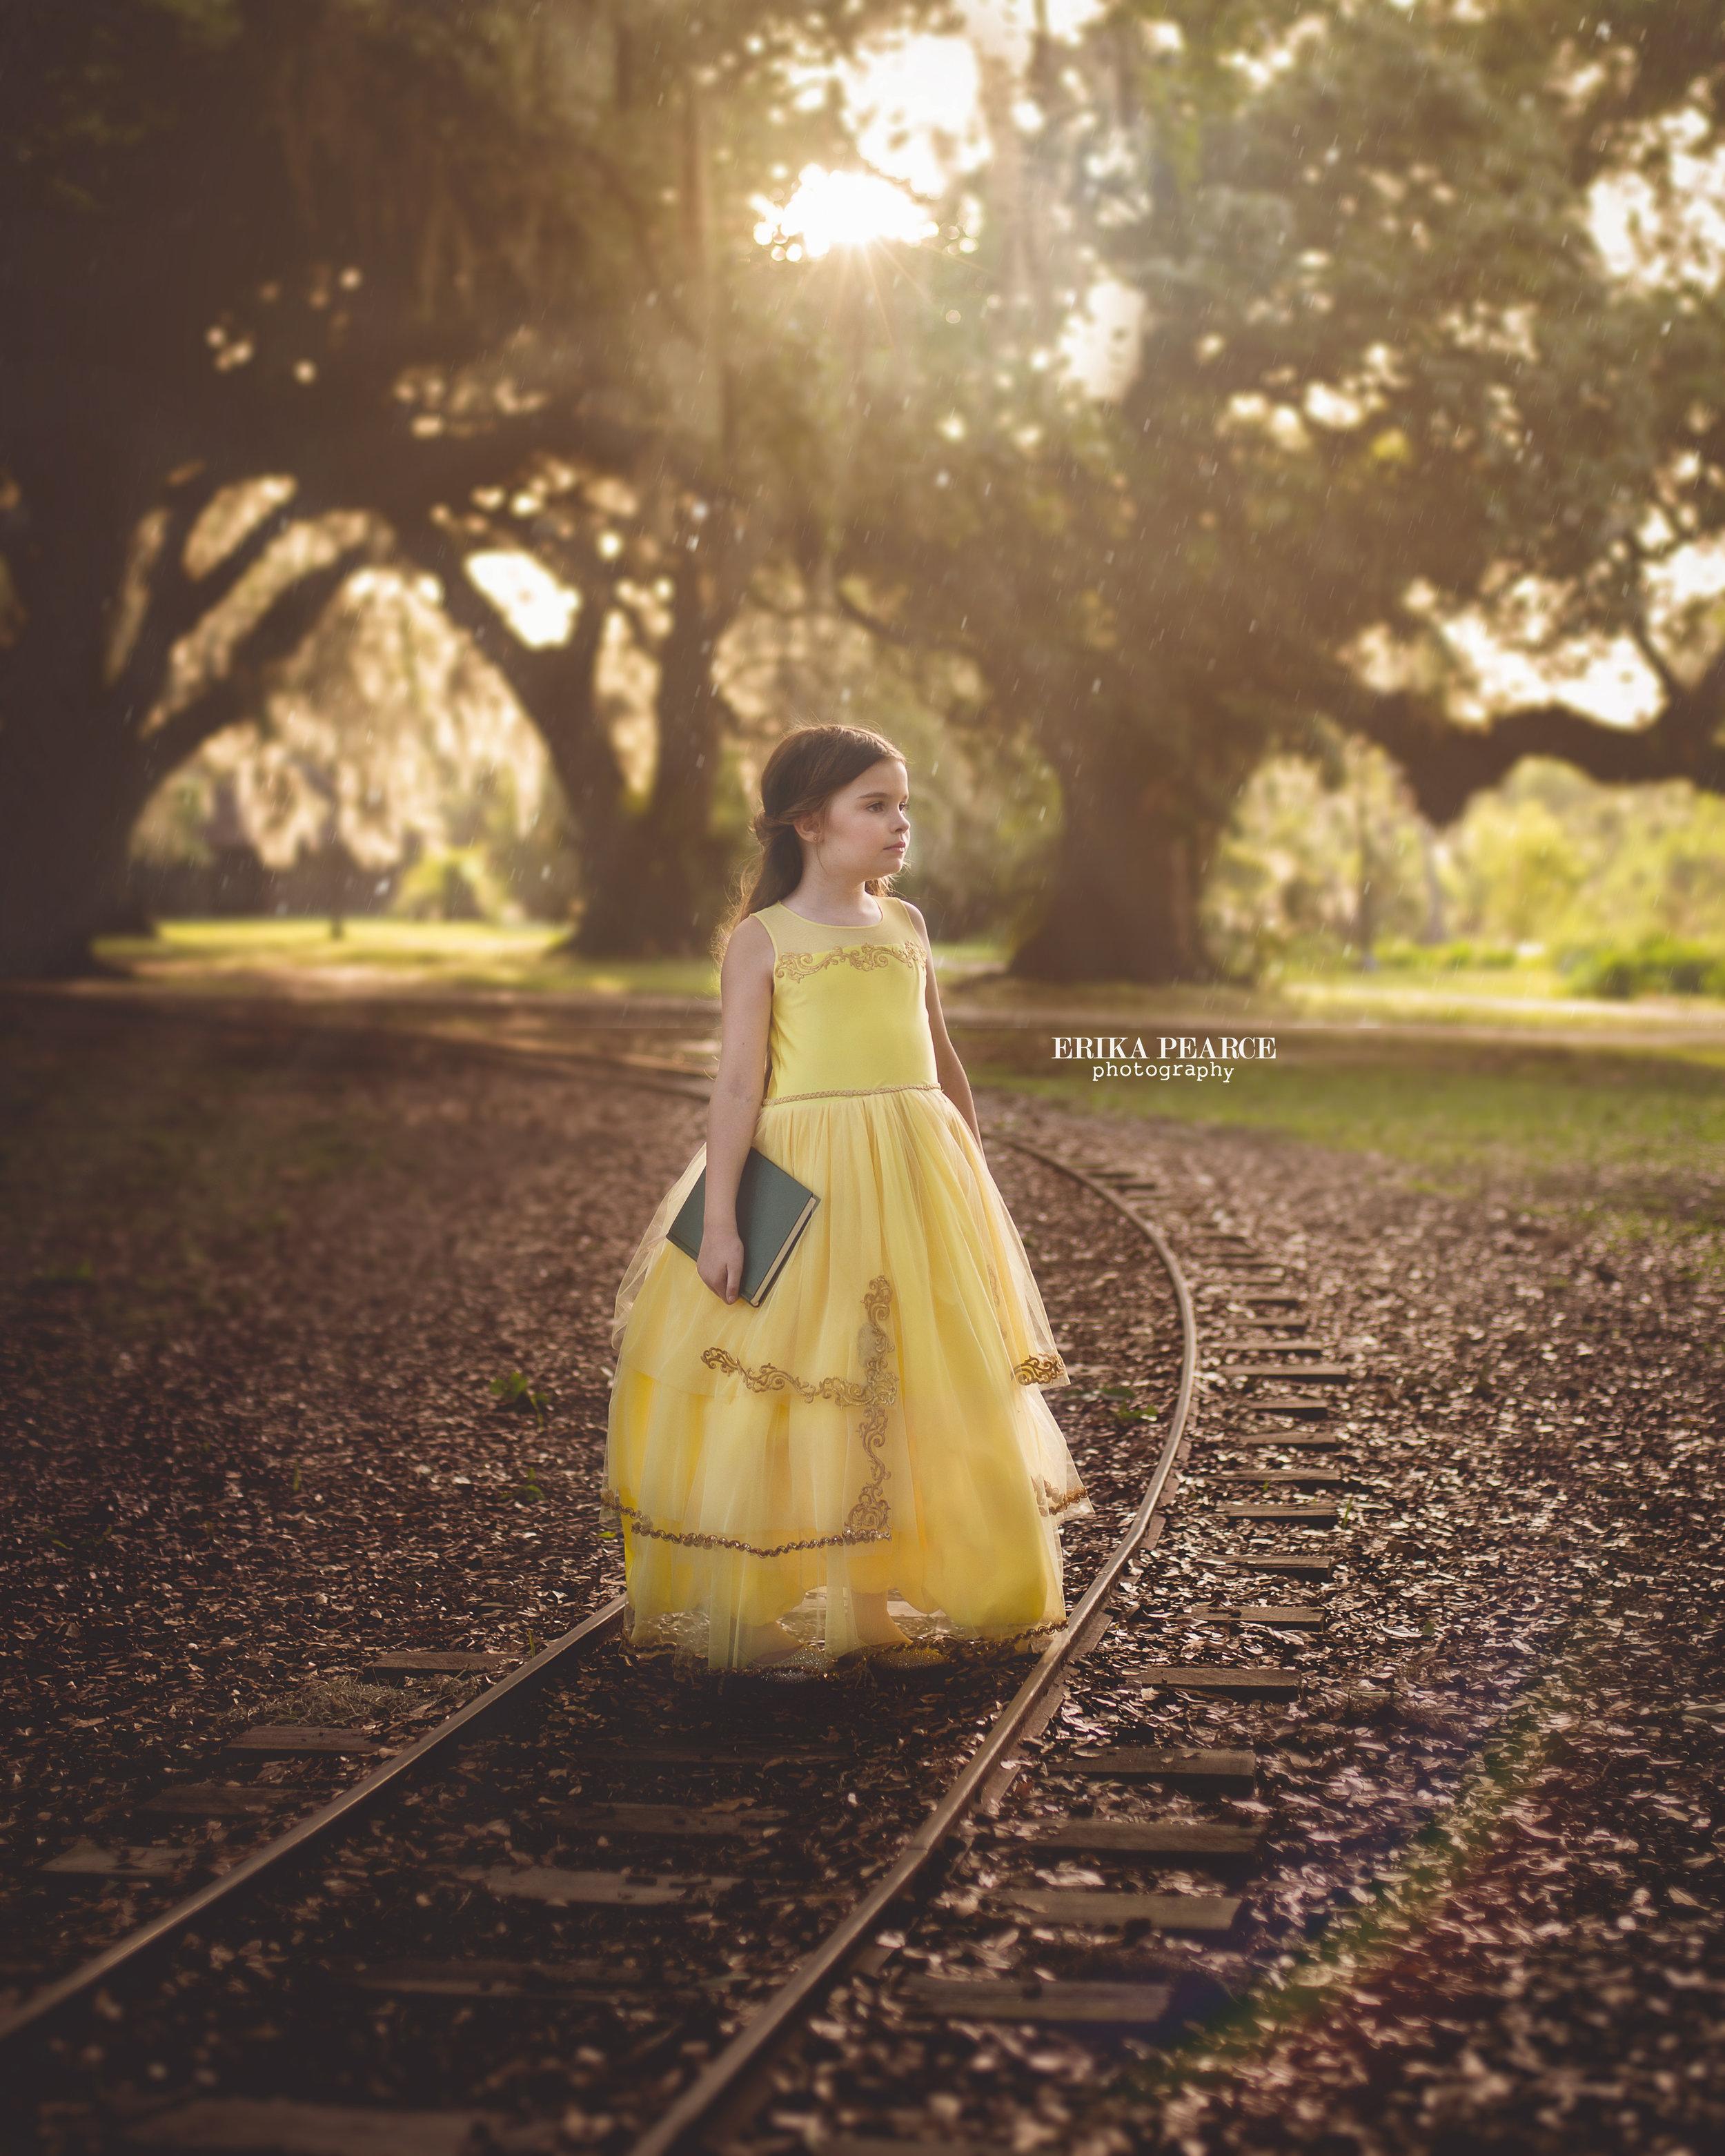 Child Photographer Covington LA Mandeville LA New Orleans Child Photographer Family Princess